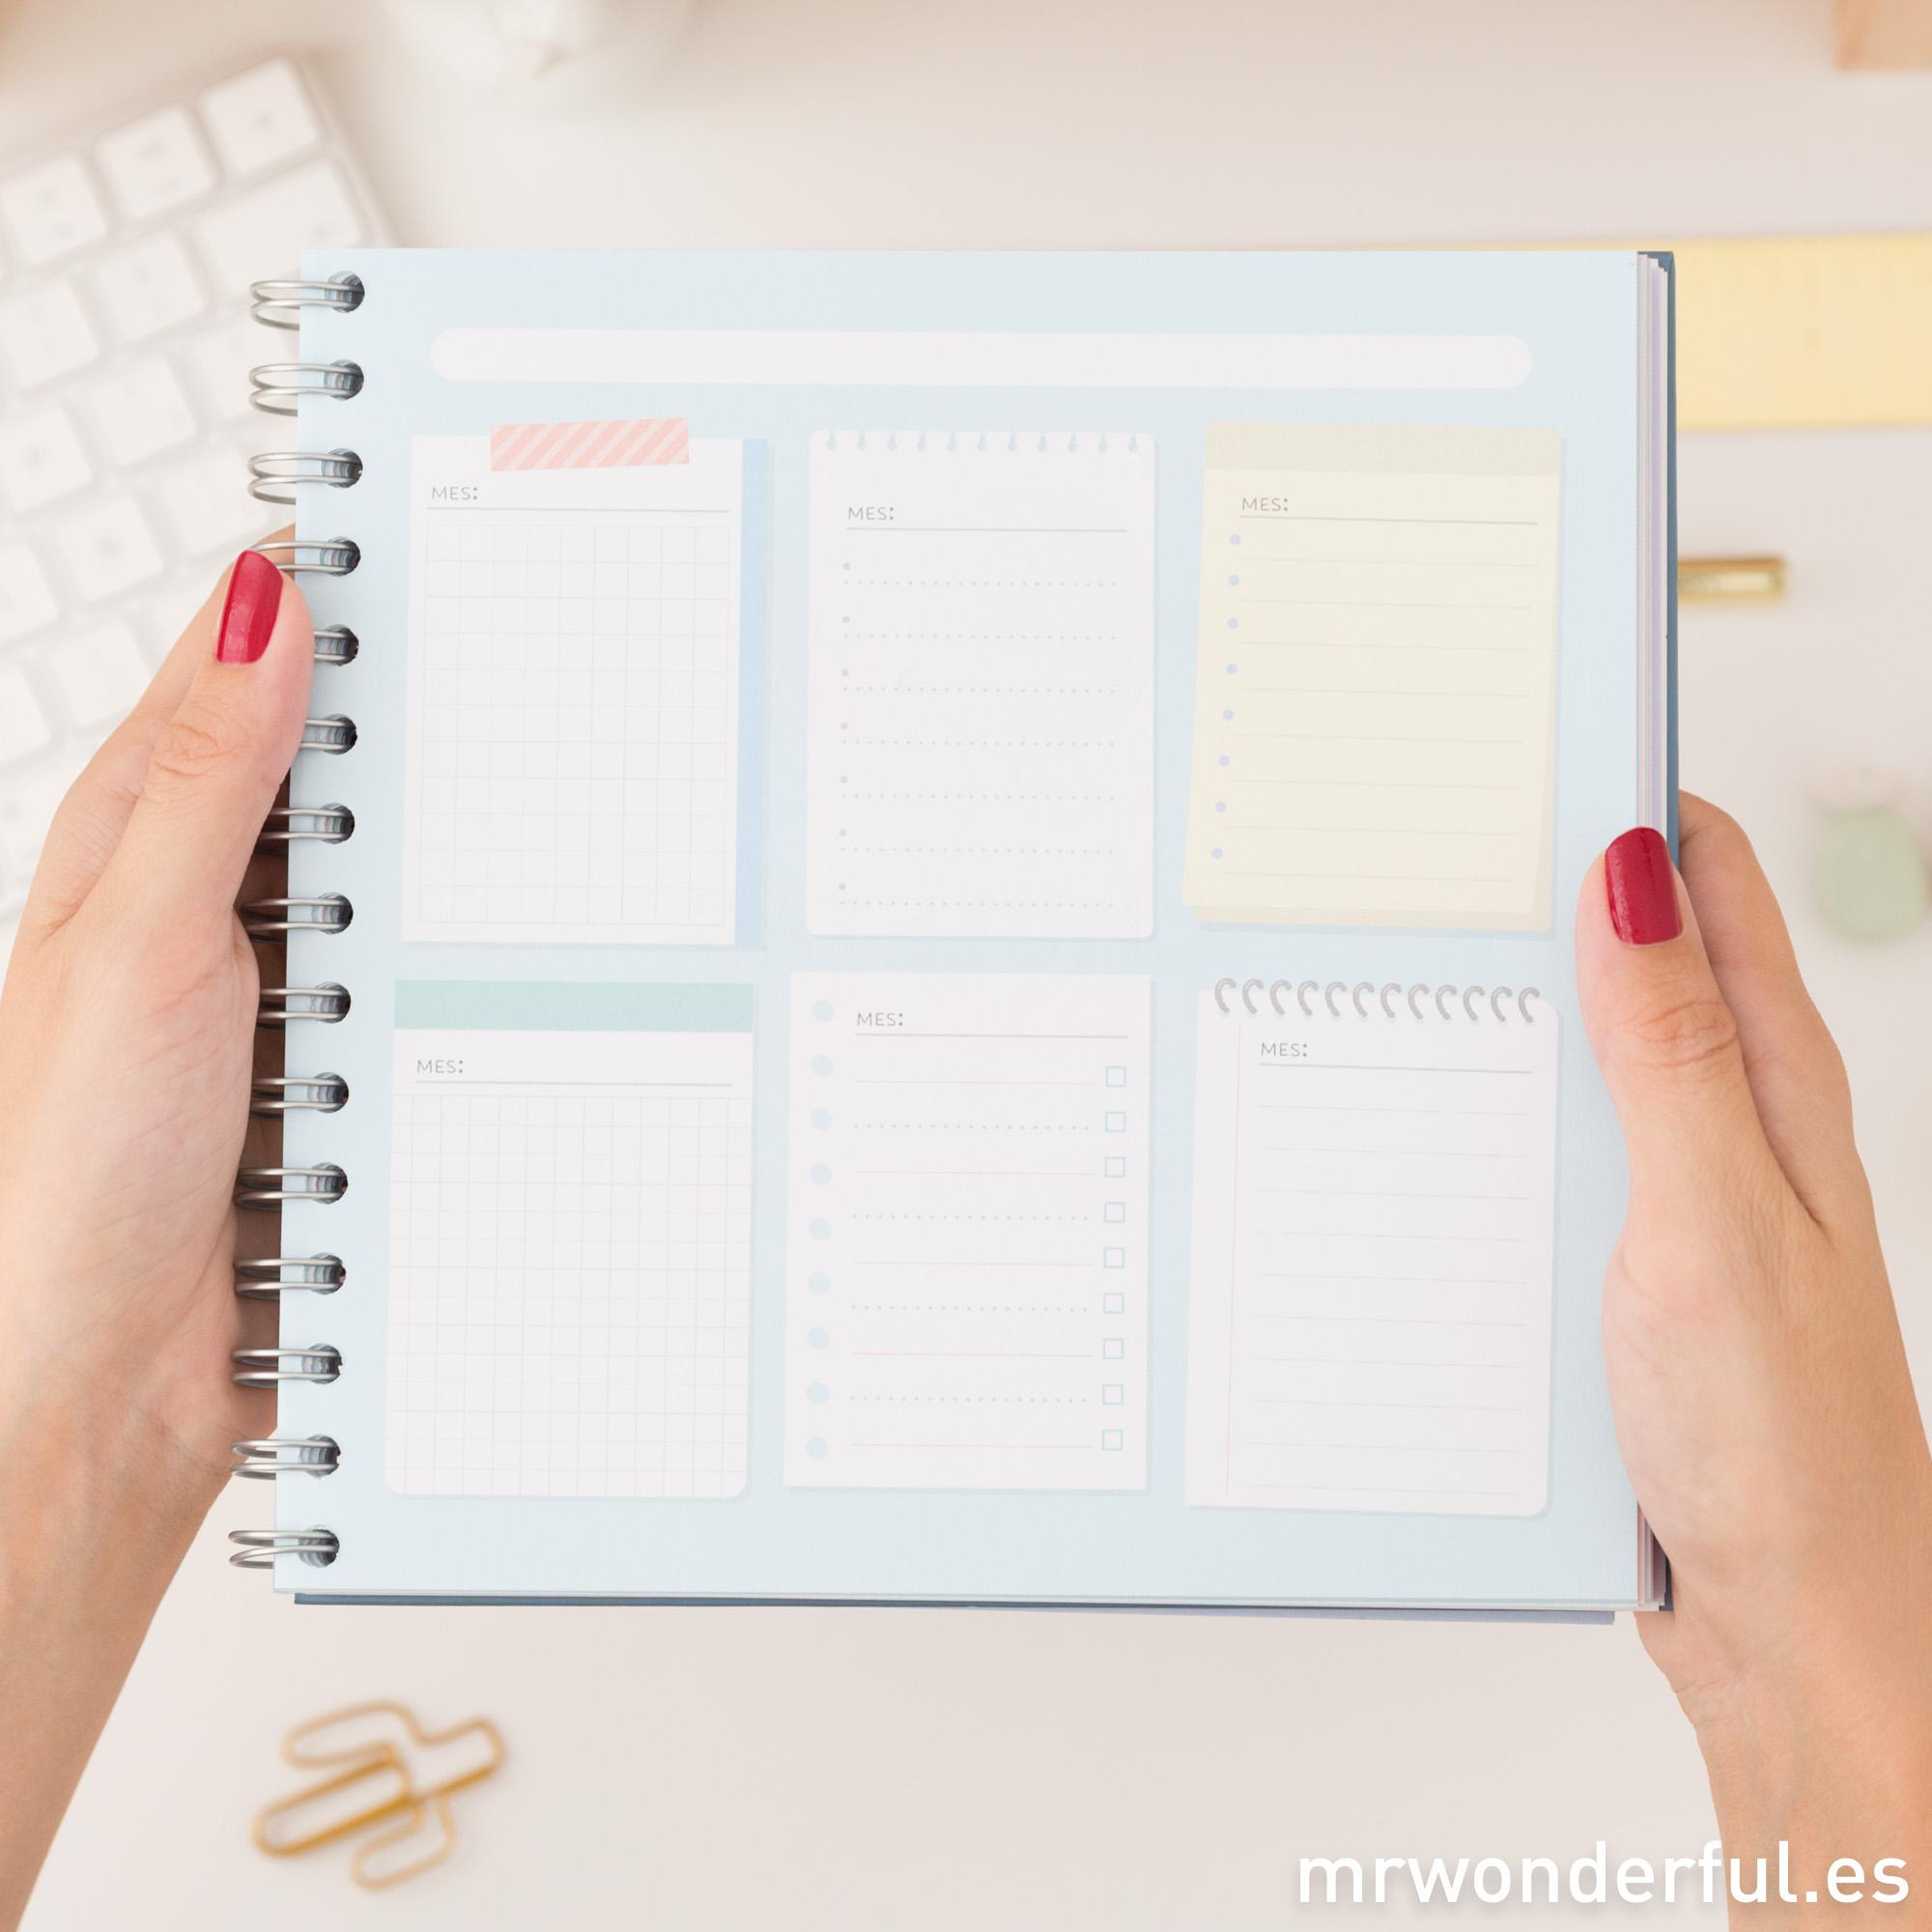 Cómo planificarse mejor los estudios con un planificador de estudio